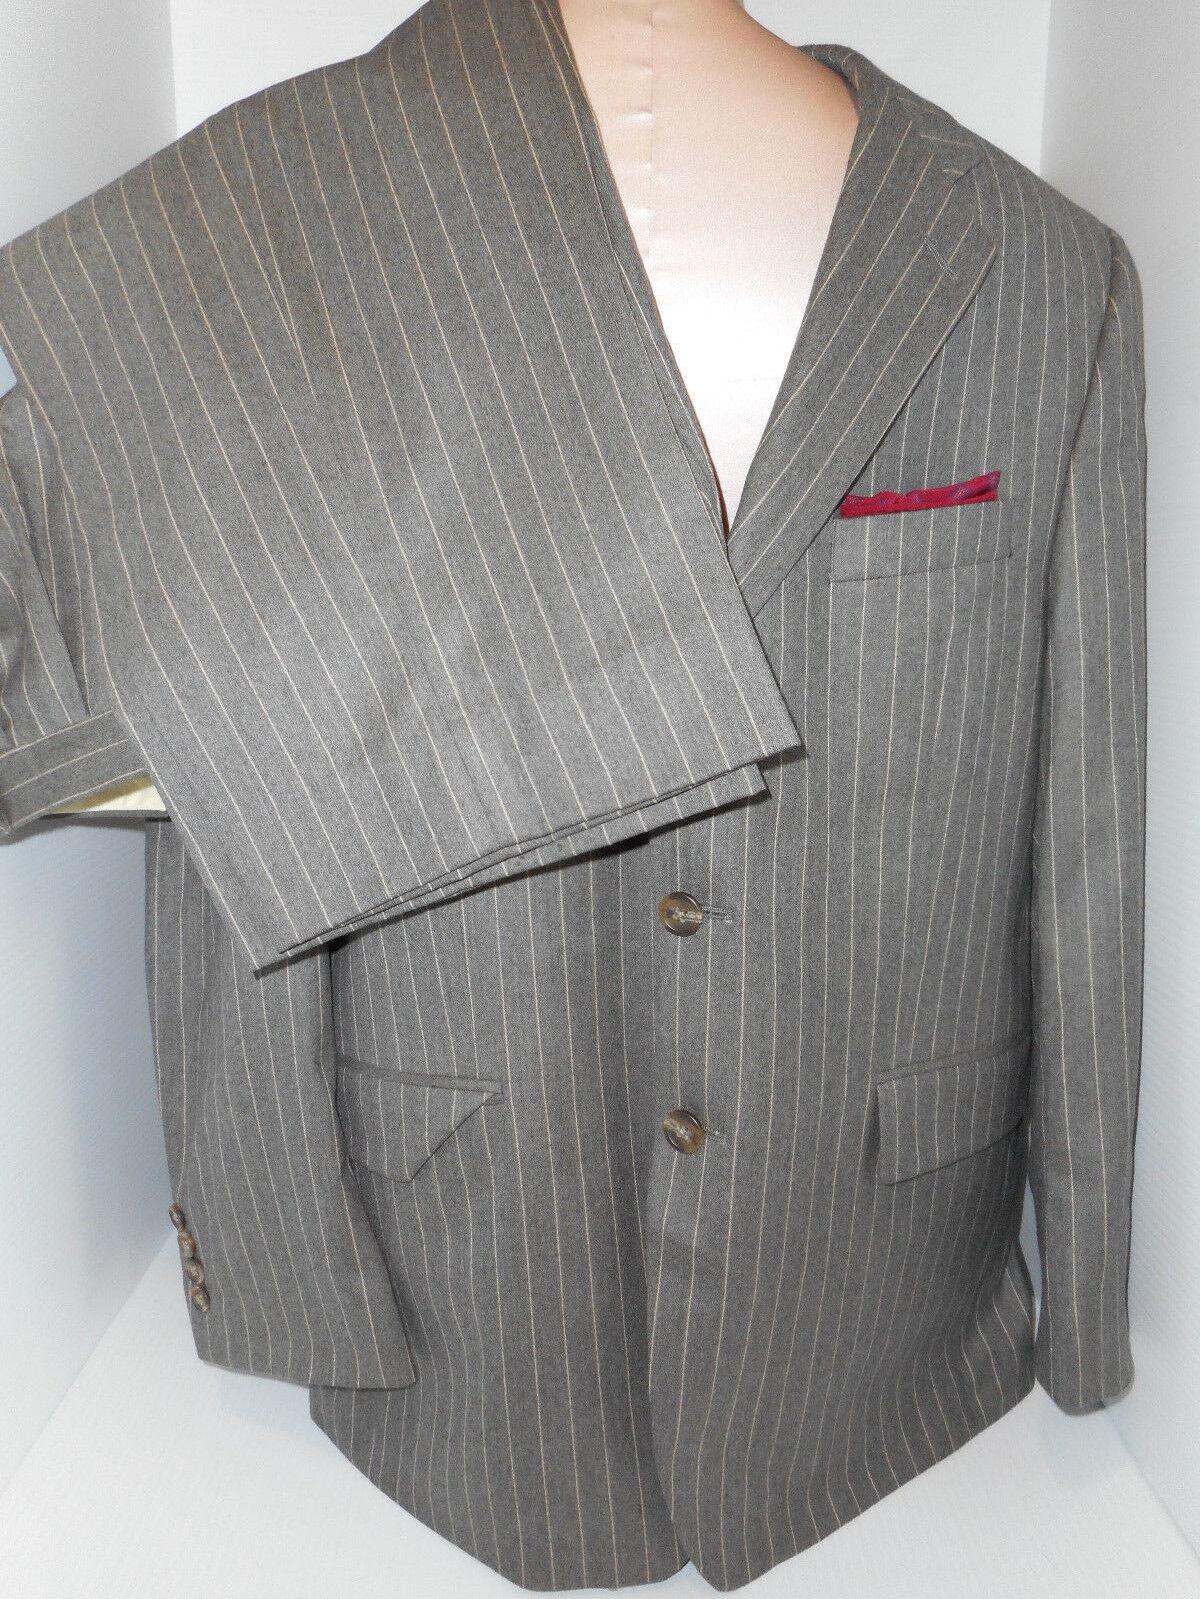 Ralph Lauren  Herren grau Pinstripe Suit Blazer Pants Größe 40S 33/30 Wool Cashmere